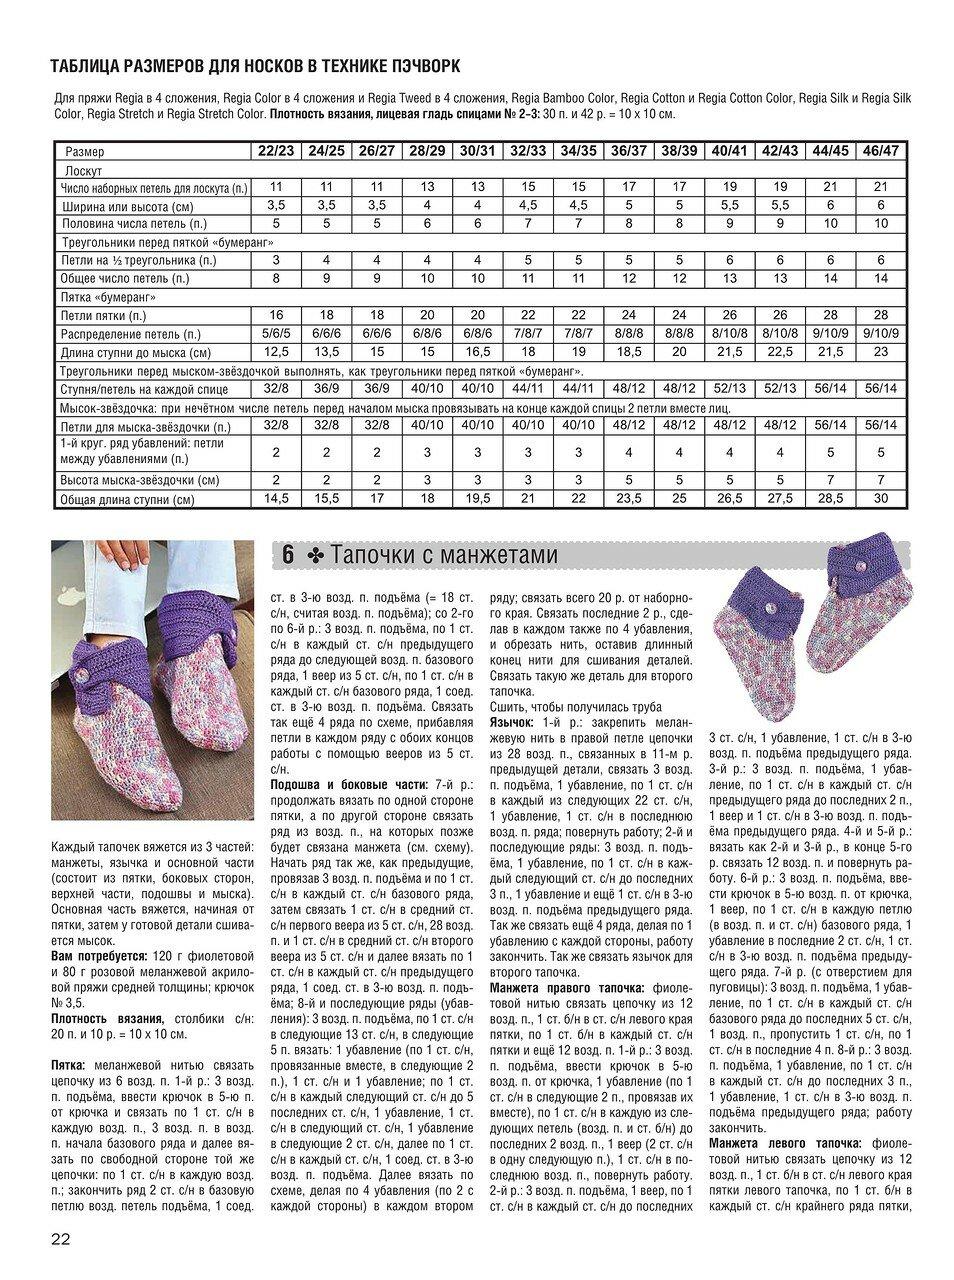 Вязание детских носков спицами на 5 спицах 22